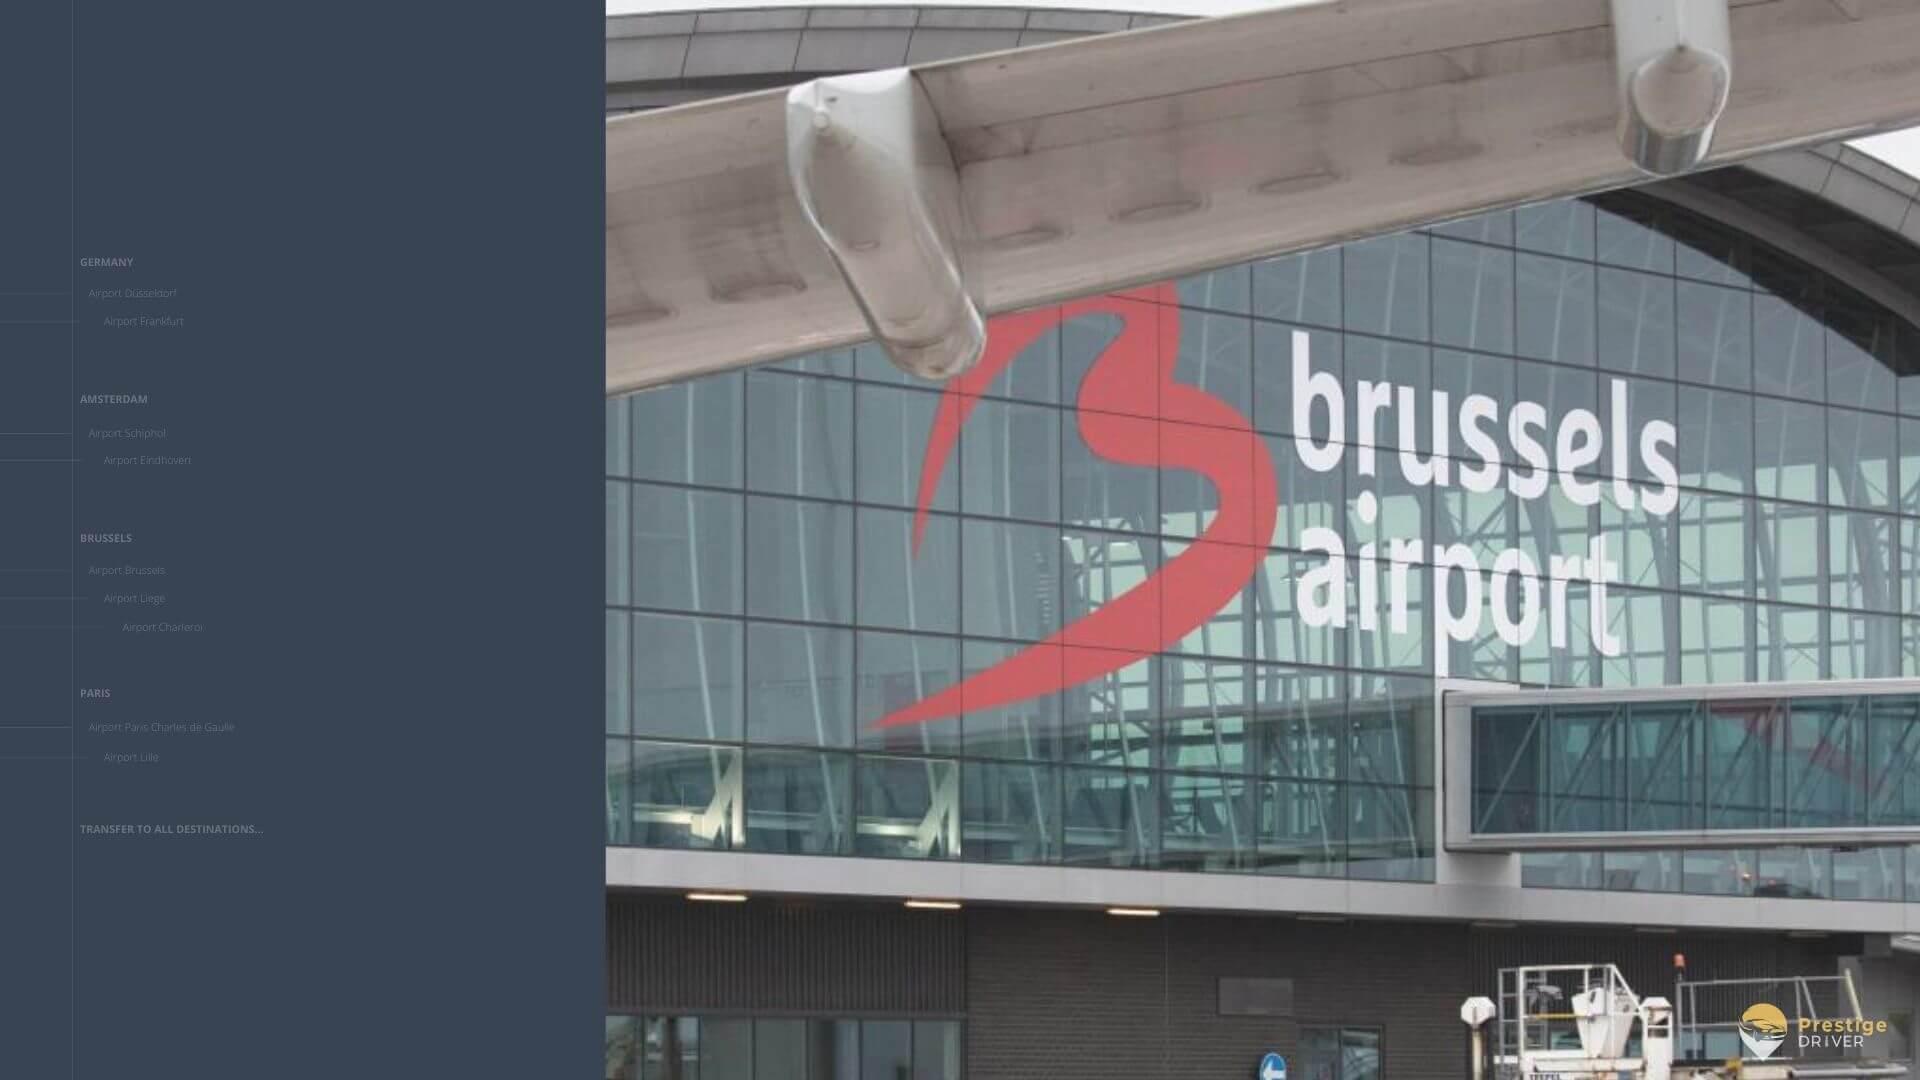 Navette aéroport de Bruxelles